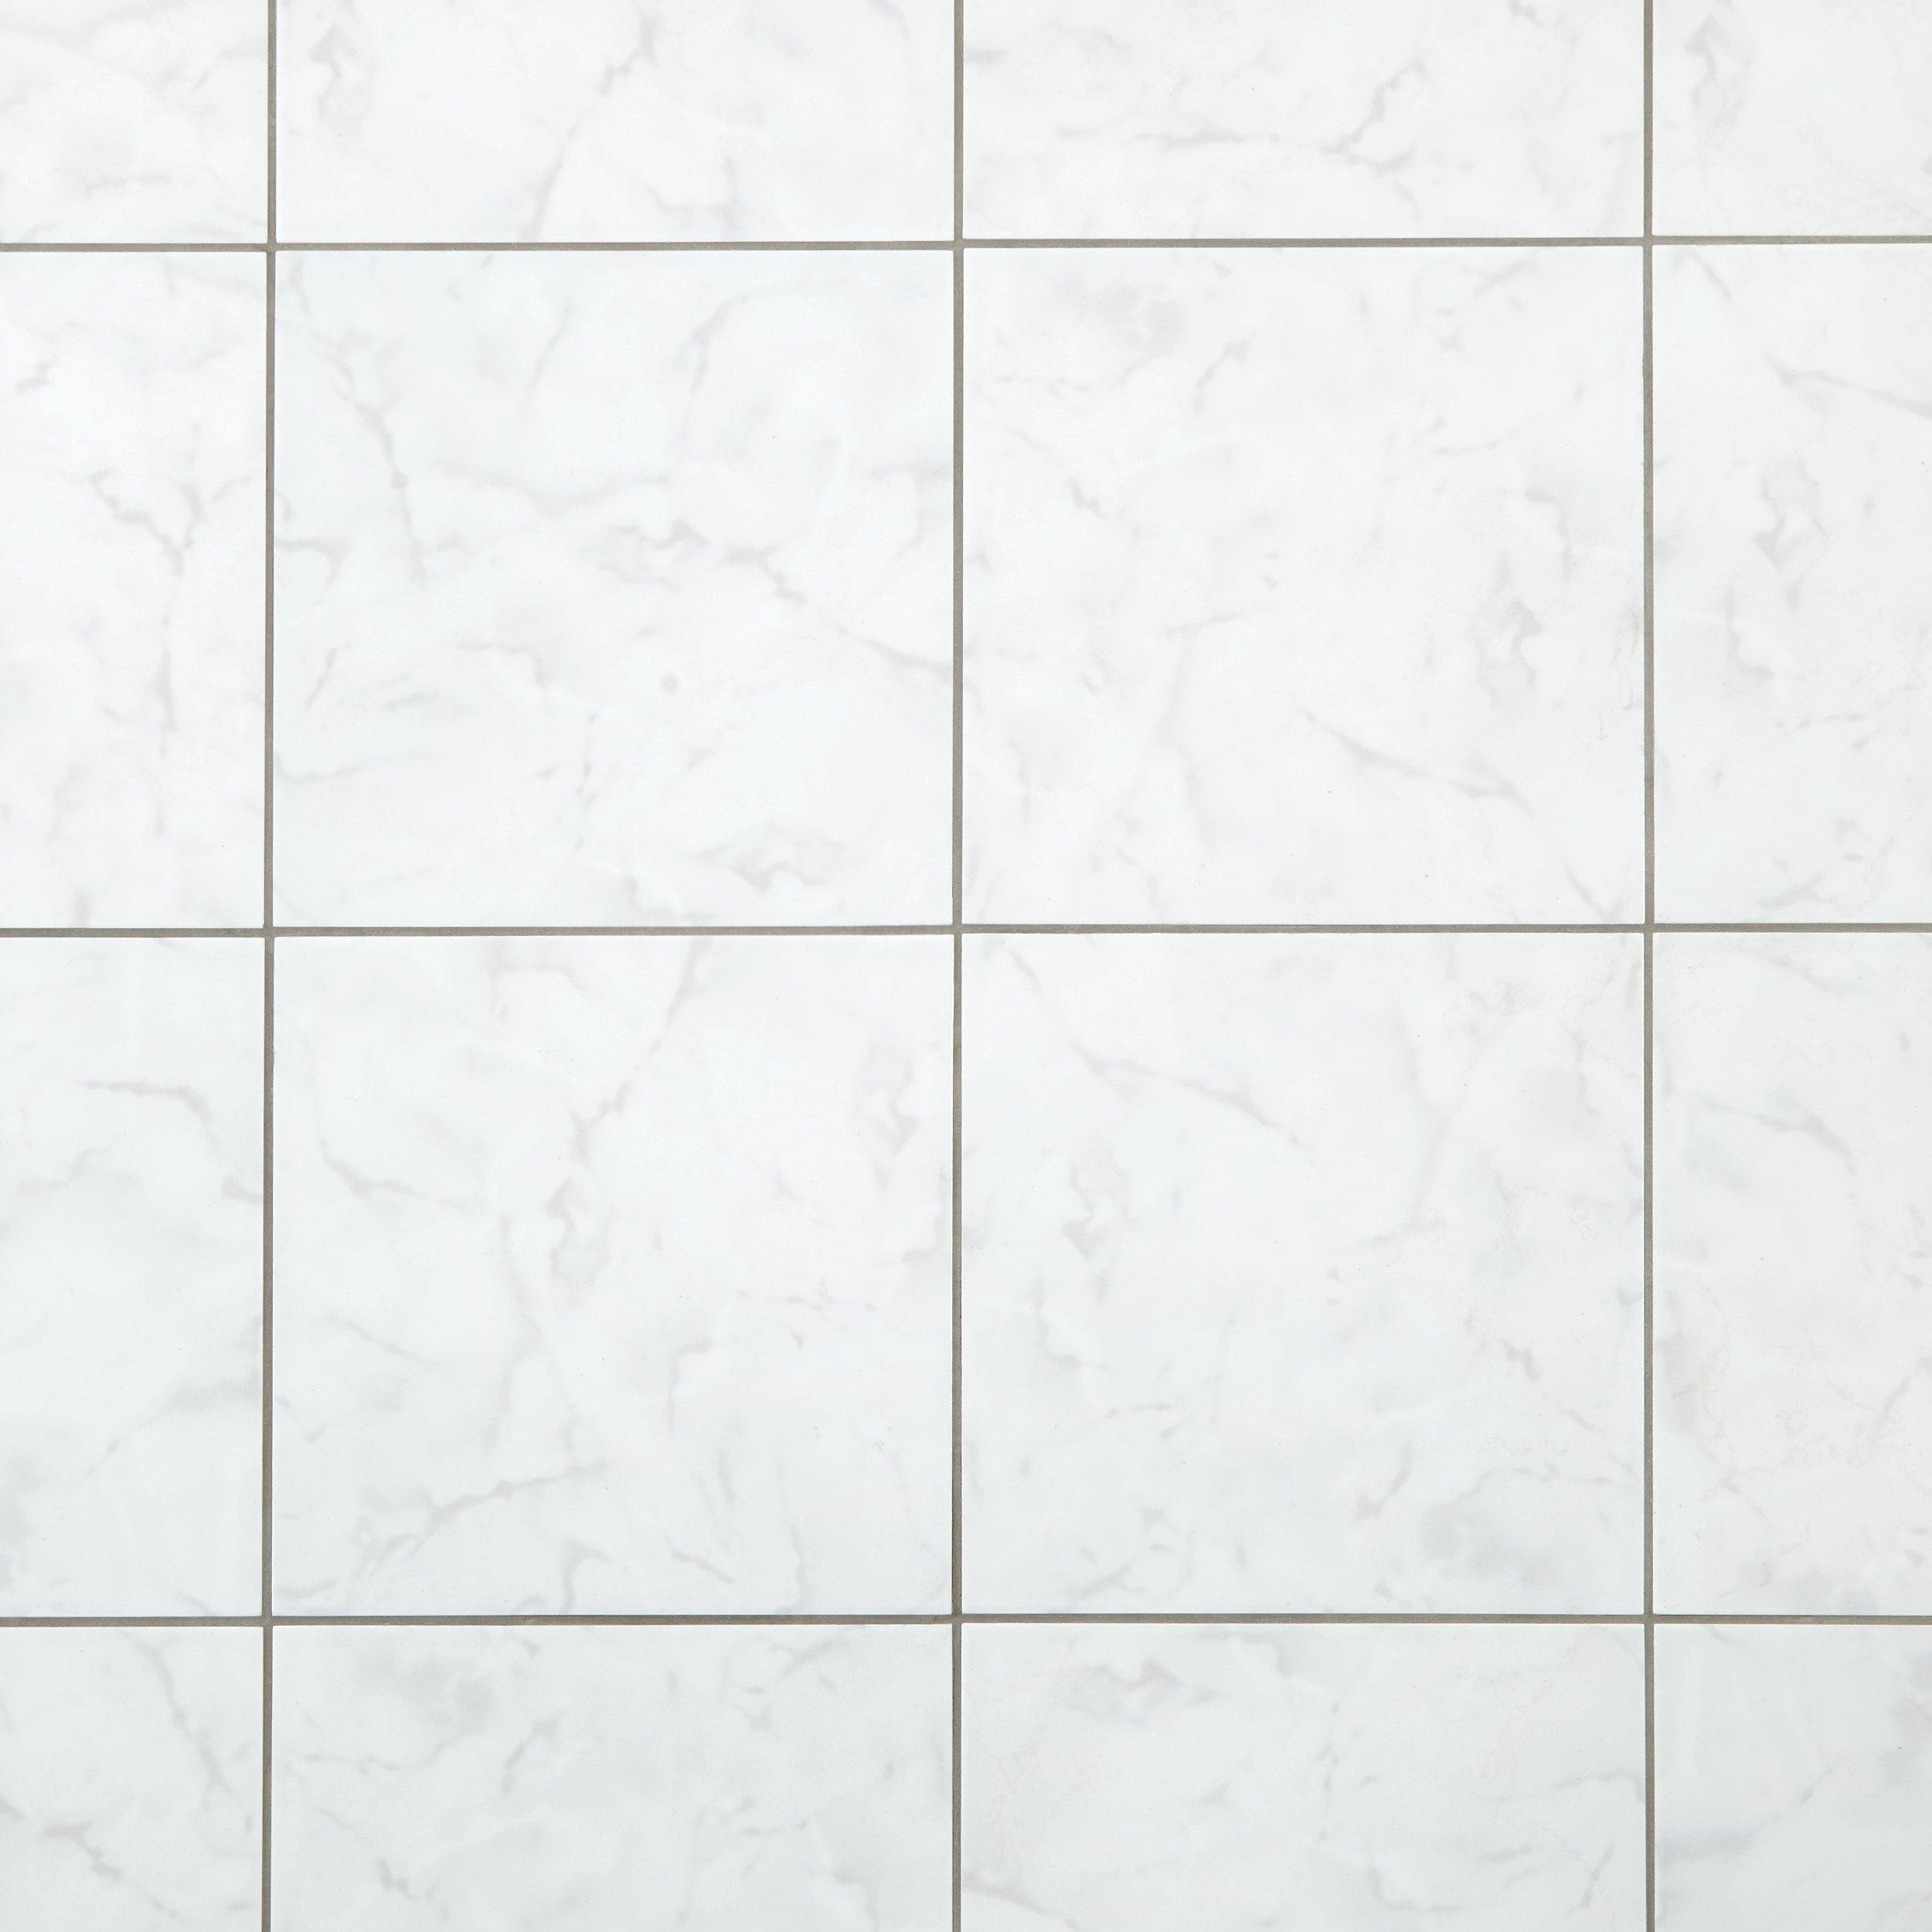 Carrara White Polished Ceramic Tile X Floor - 13x13 white ceramic floor tile